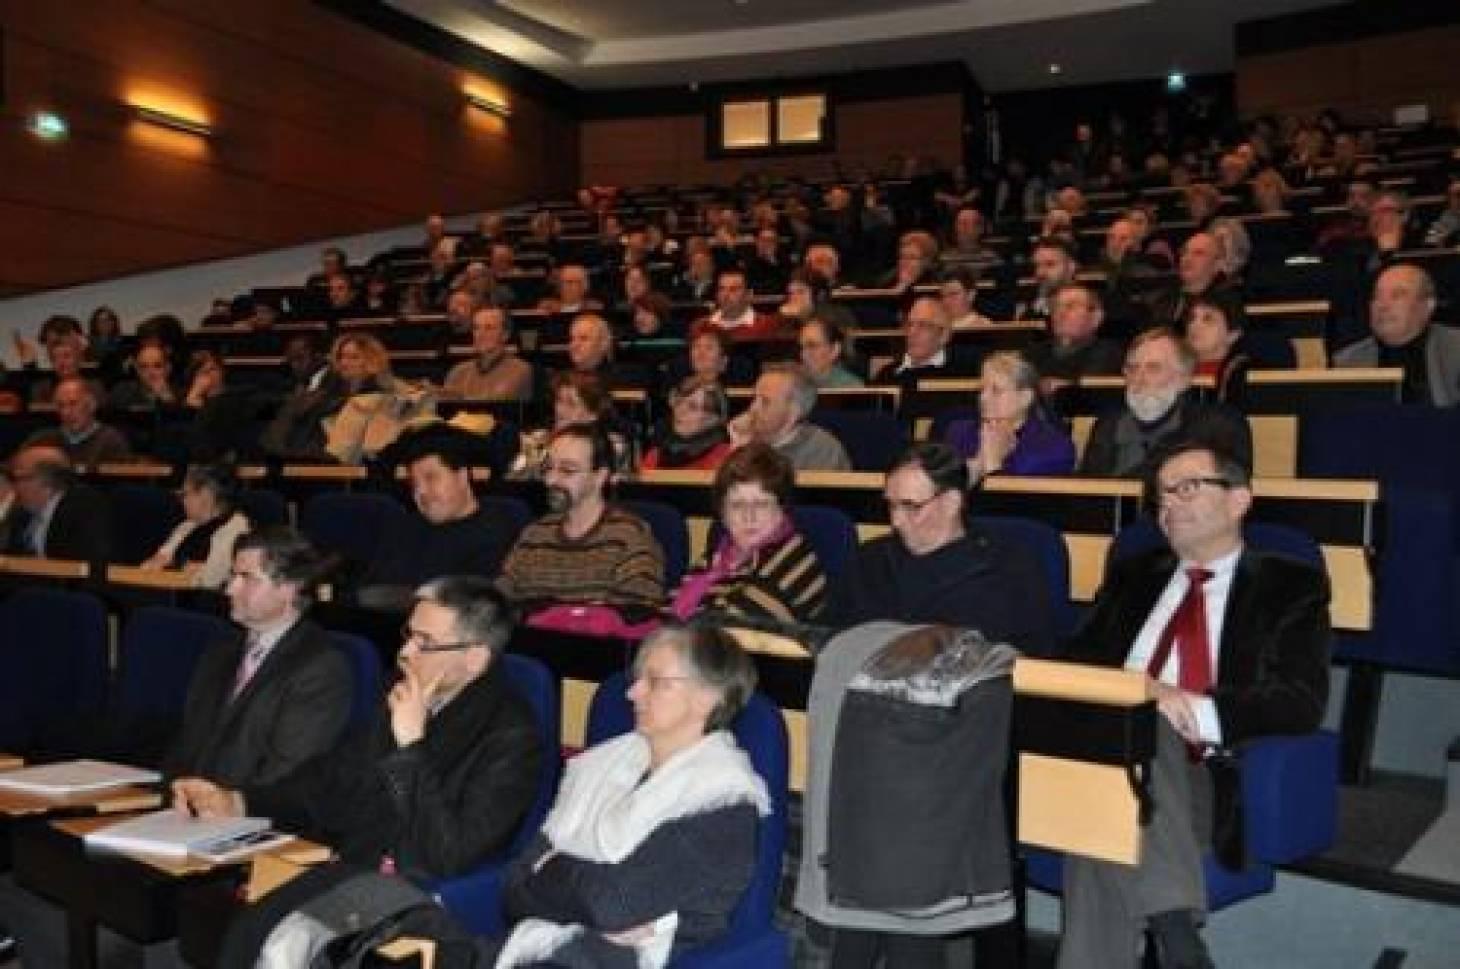 Ex-théâtre : les élus sclérosent le débat